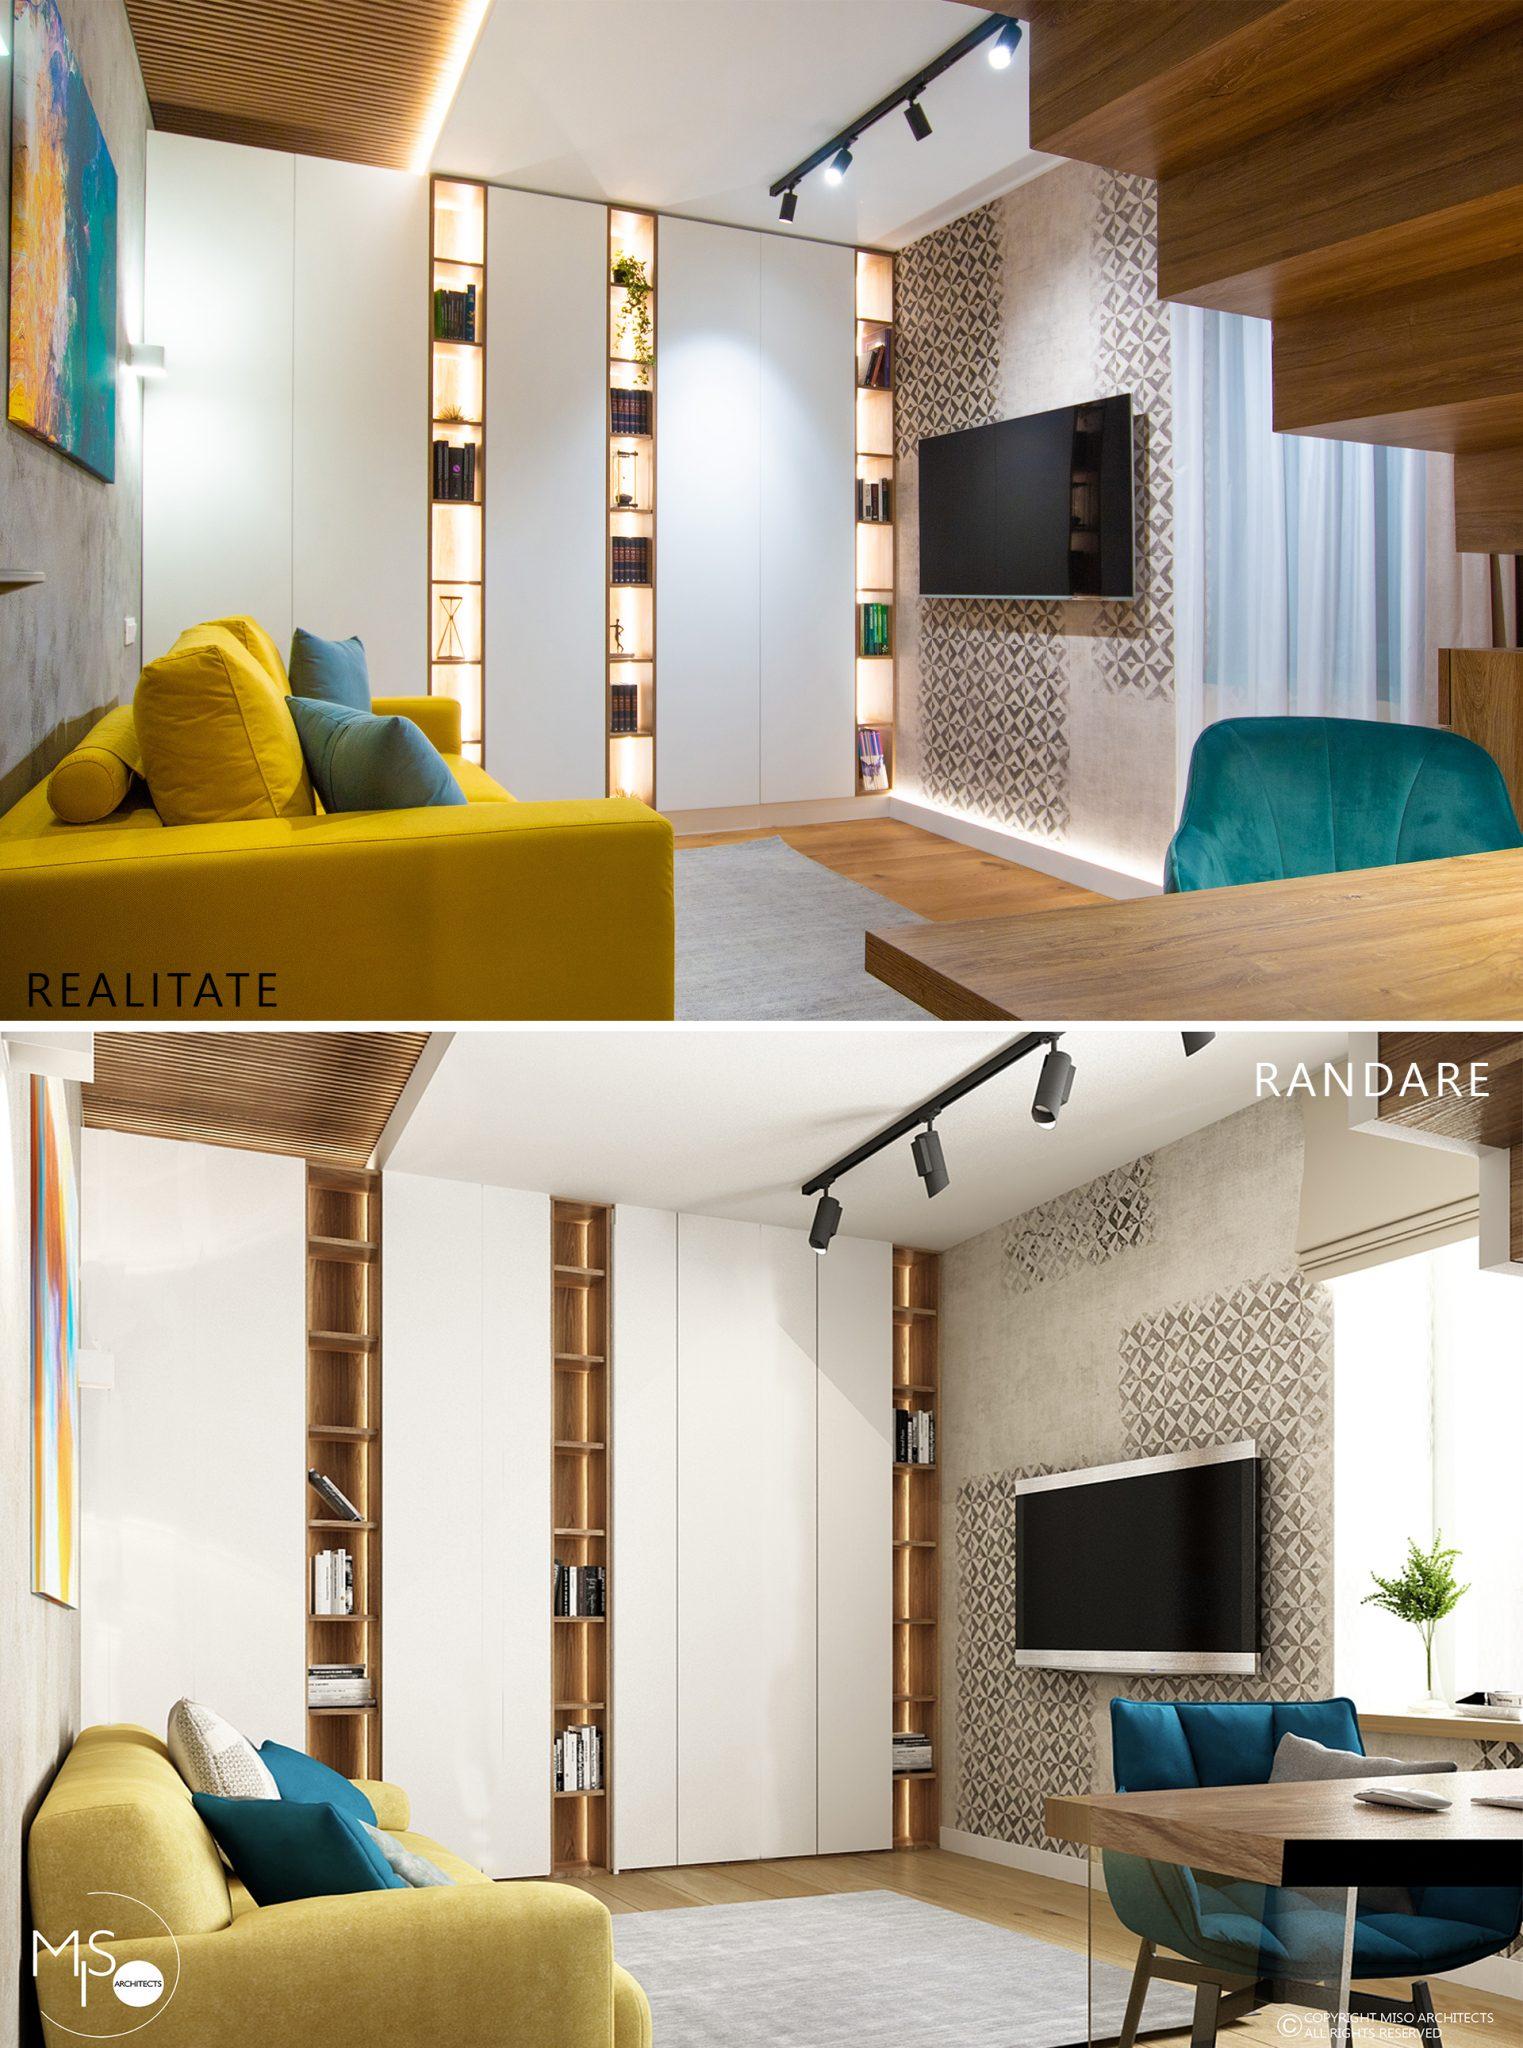 randare-versus-realitate-design-interior-scaled.jpg